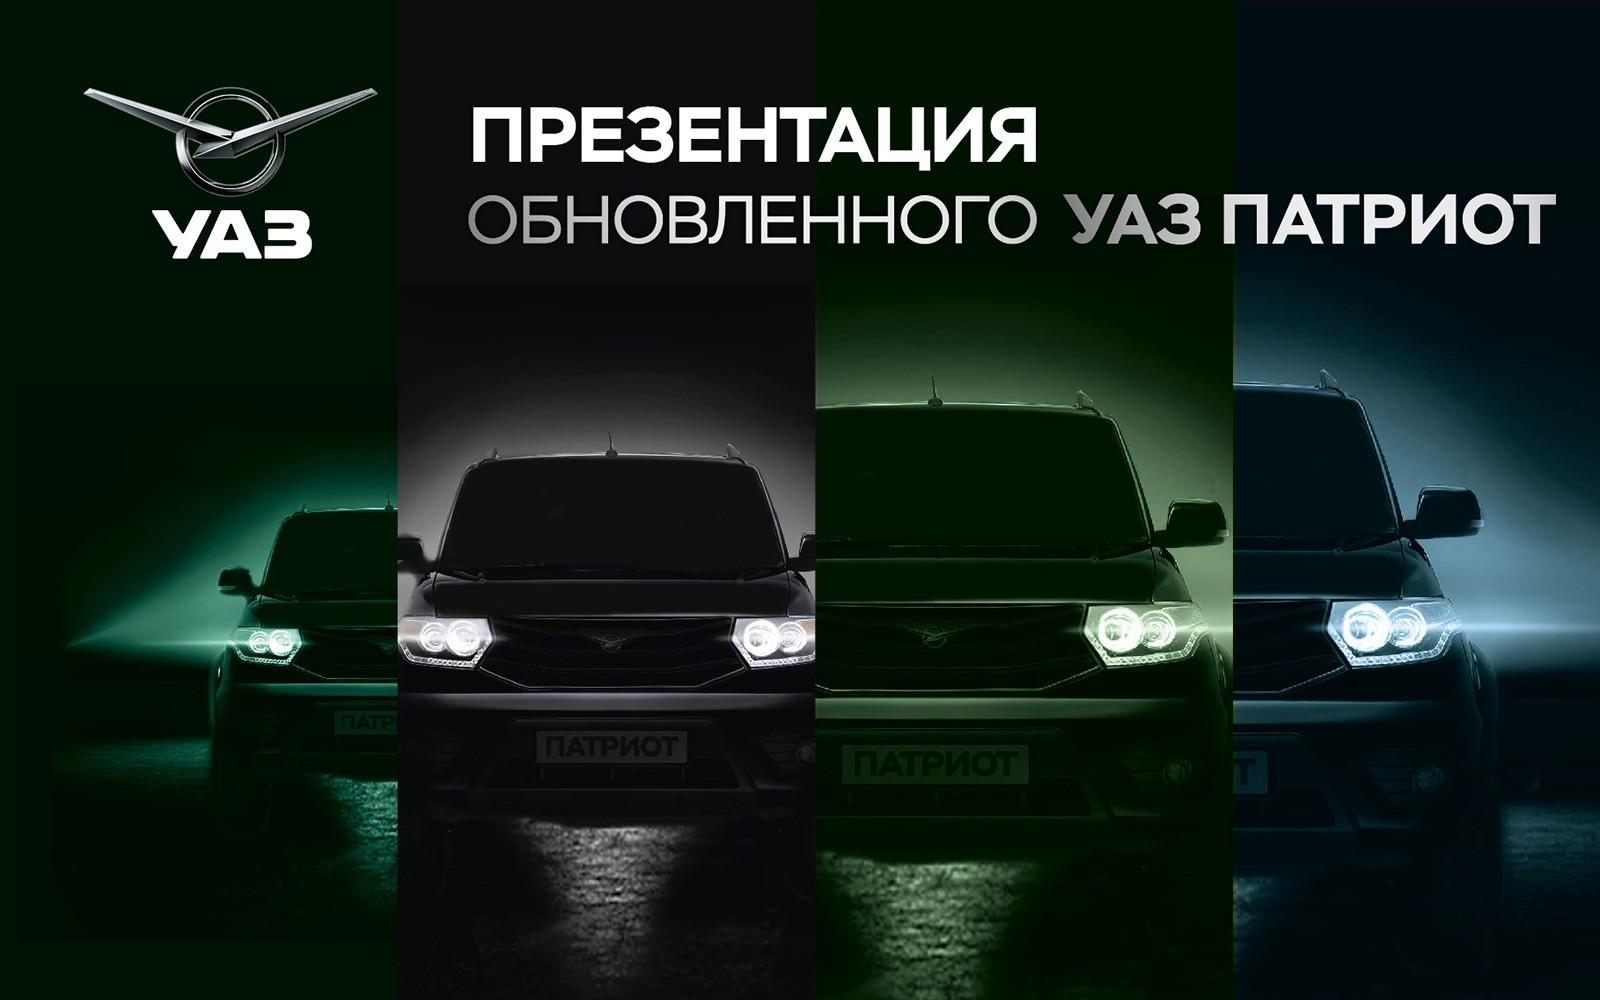 Стала известна дата премьеры улучшенного УАЗ «Патриот»